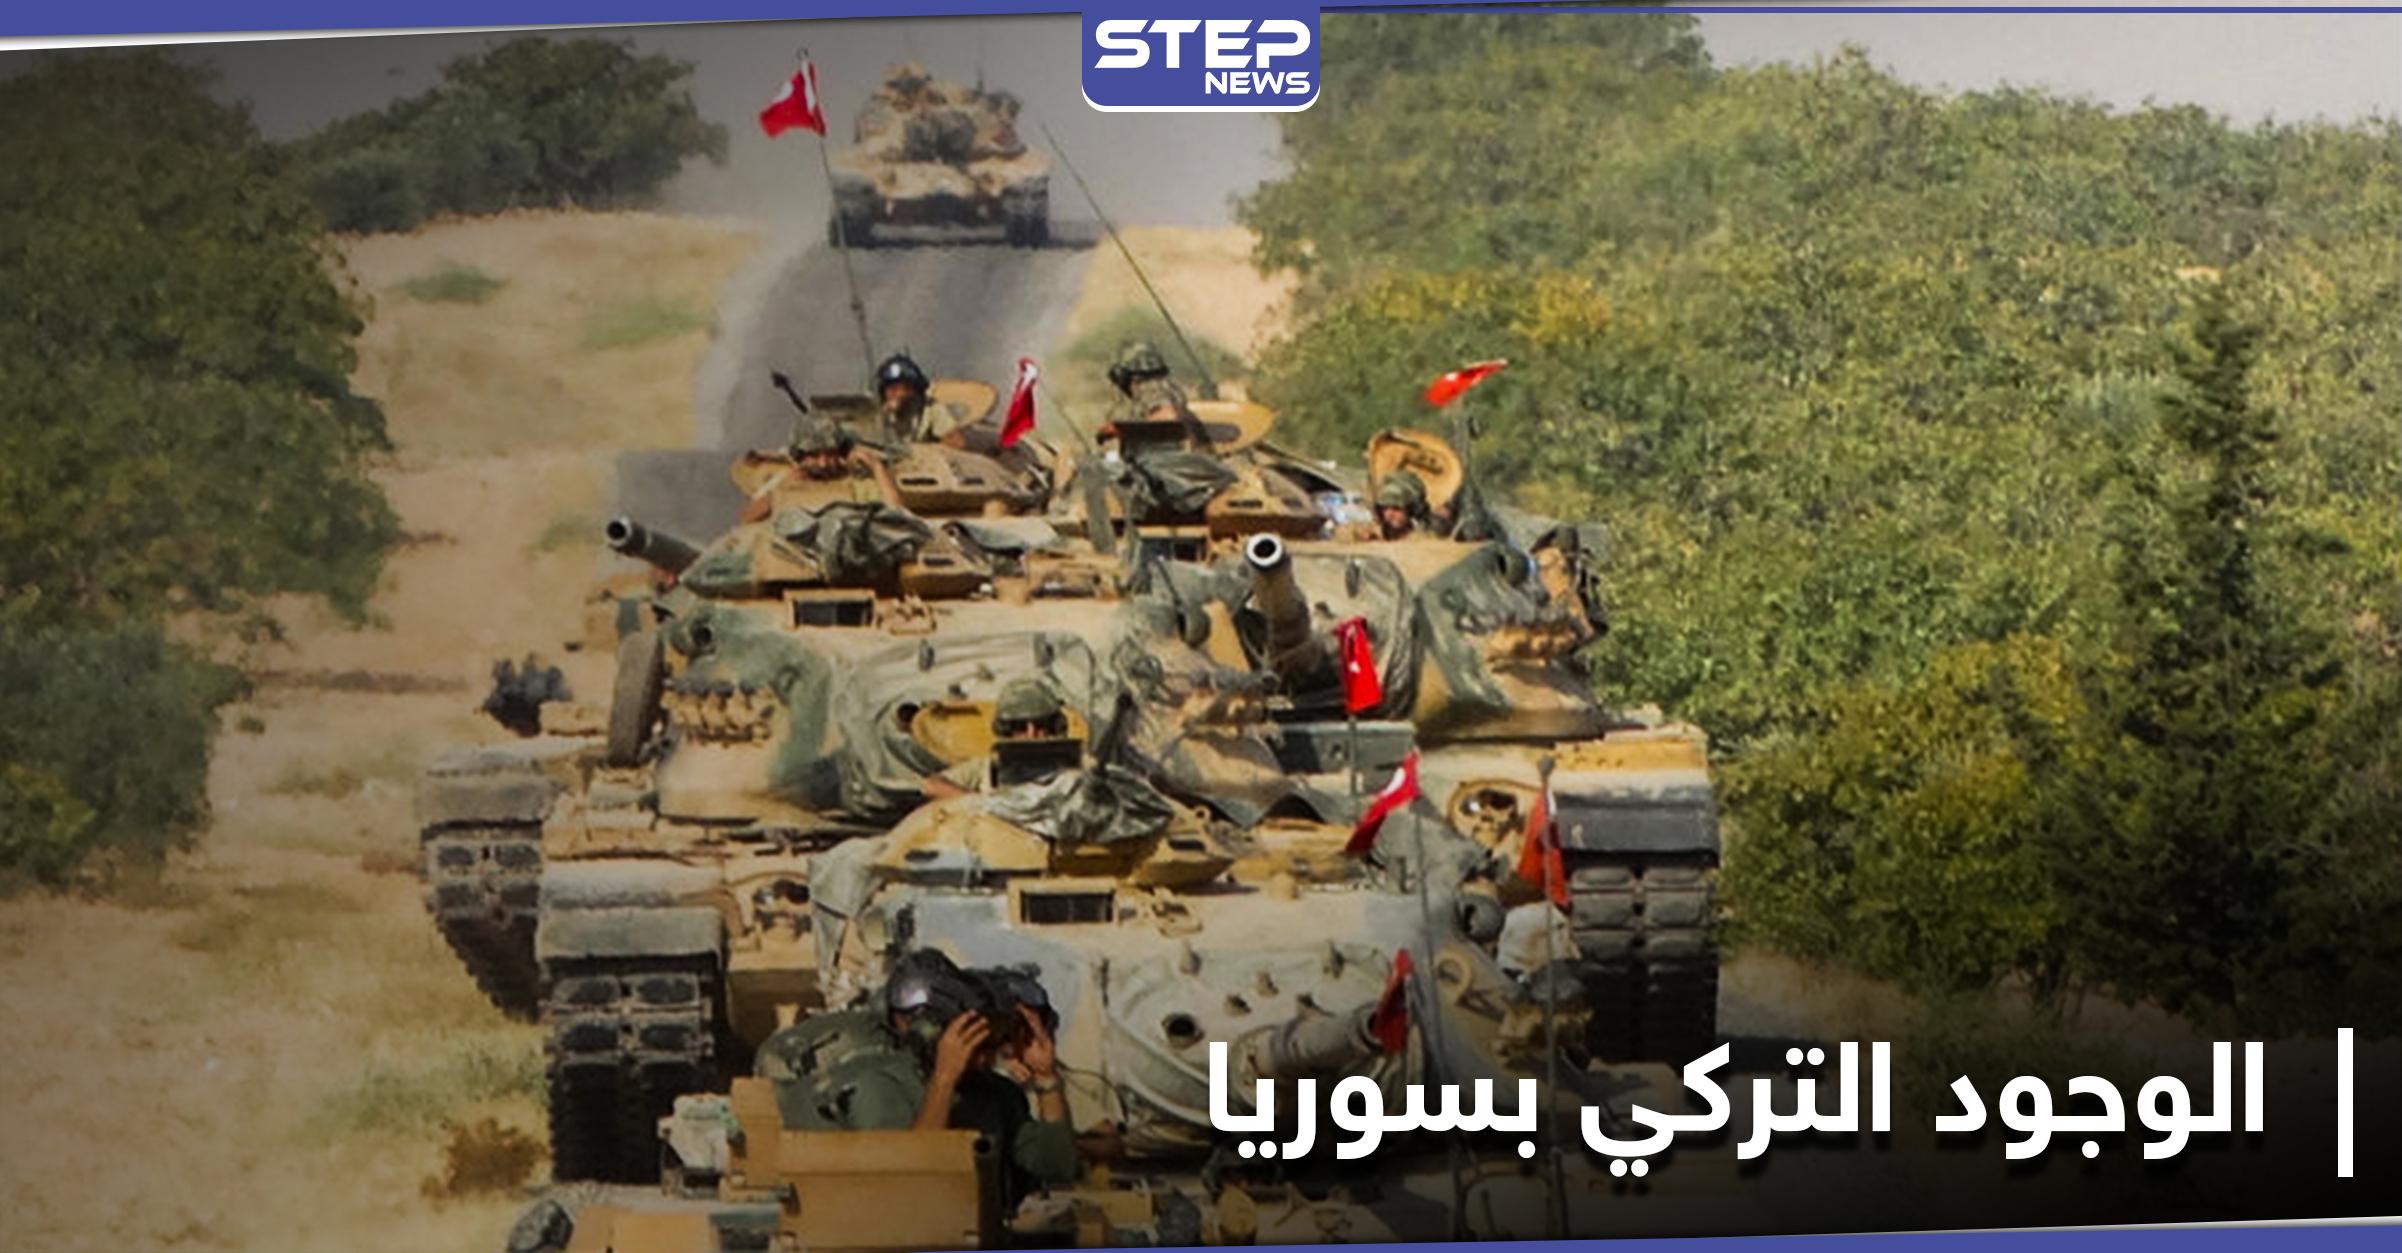 ممثل بوتين في دمشق يكشف مدة الوجود التركي بسوريا.. وردود سلبية حول مؤتمر عودة اللاجئين السوريين